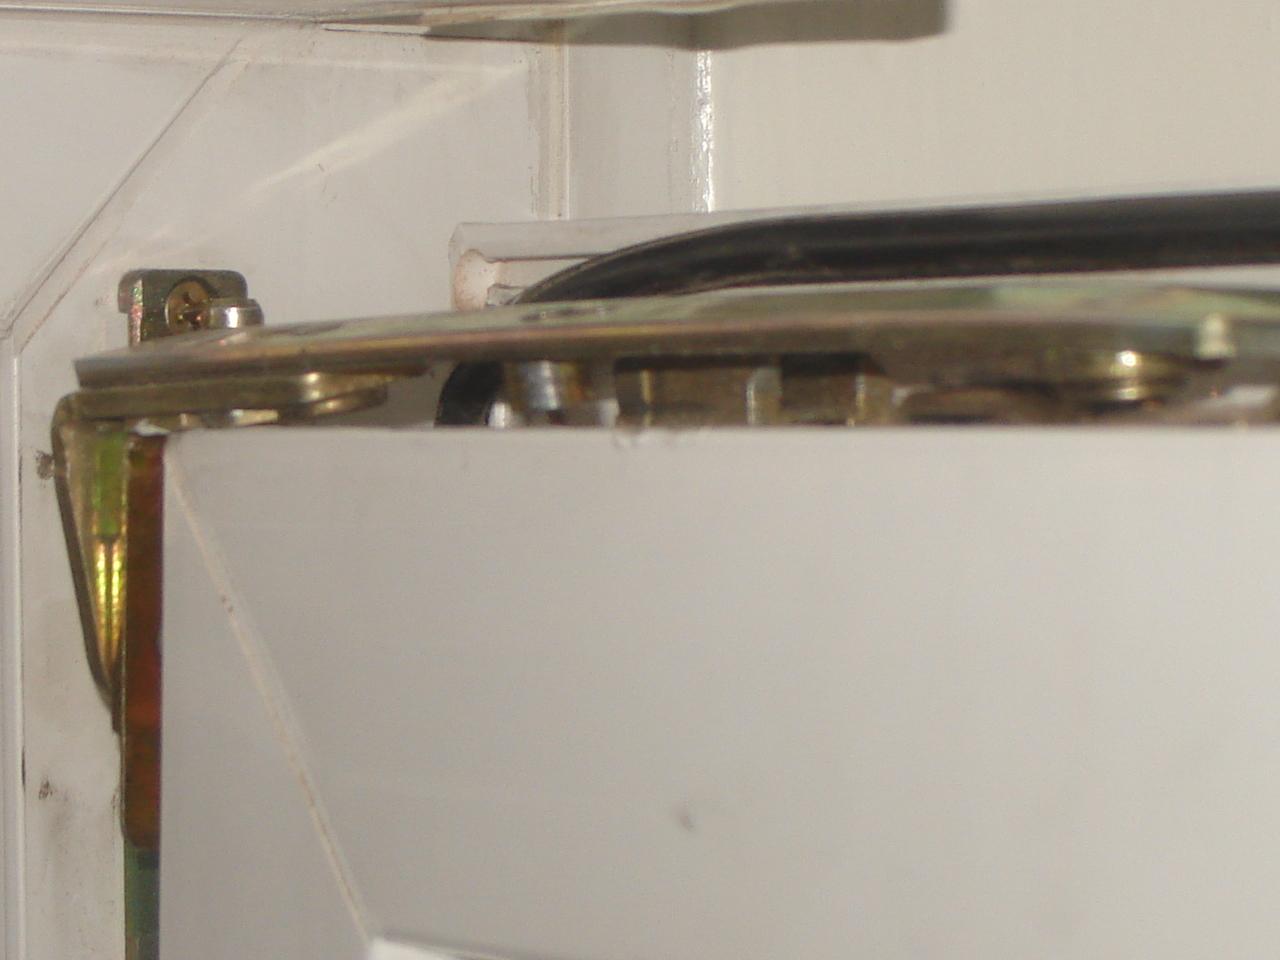 Probleme fermeture fenetre pvc for Fermeture fenetre pvc